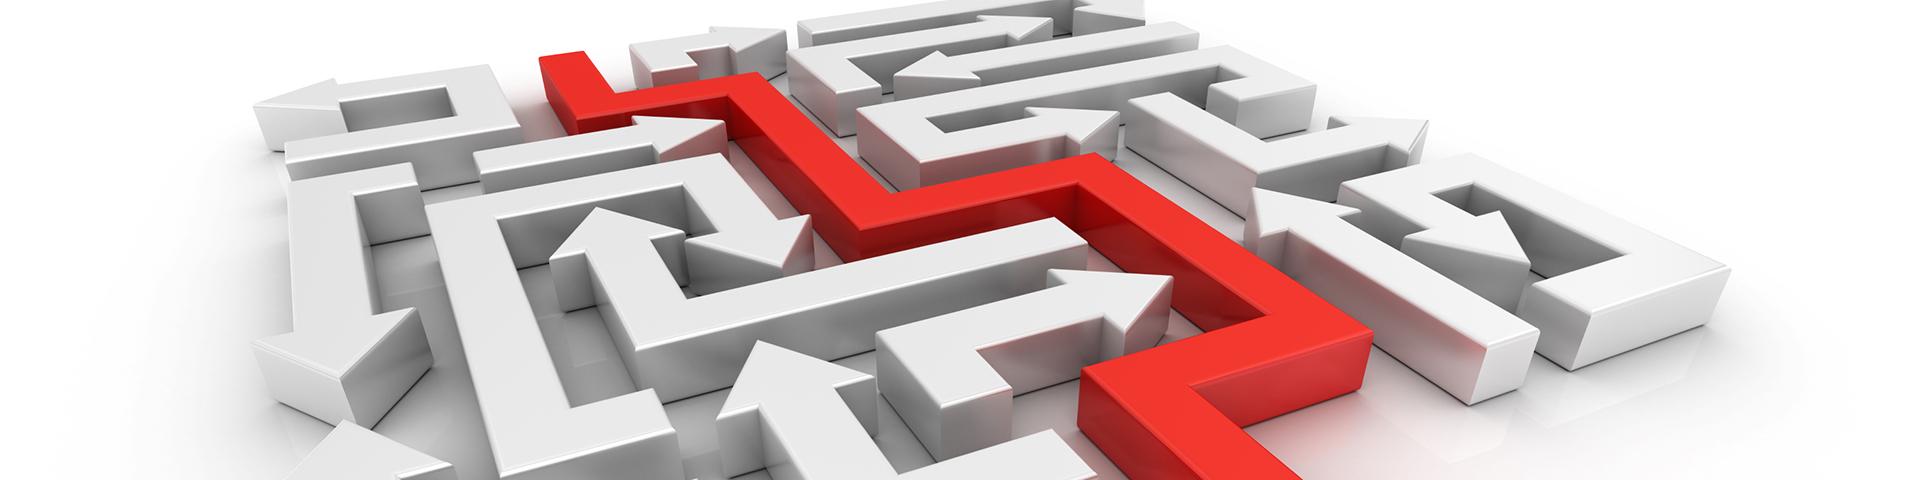 Парвилният избор - Гаранция за Успех